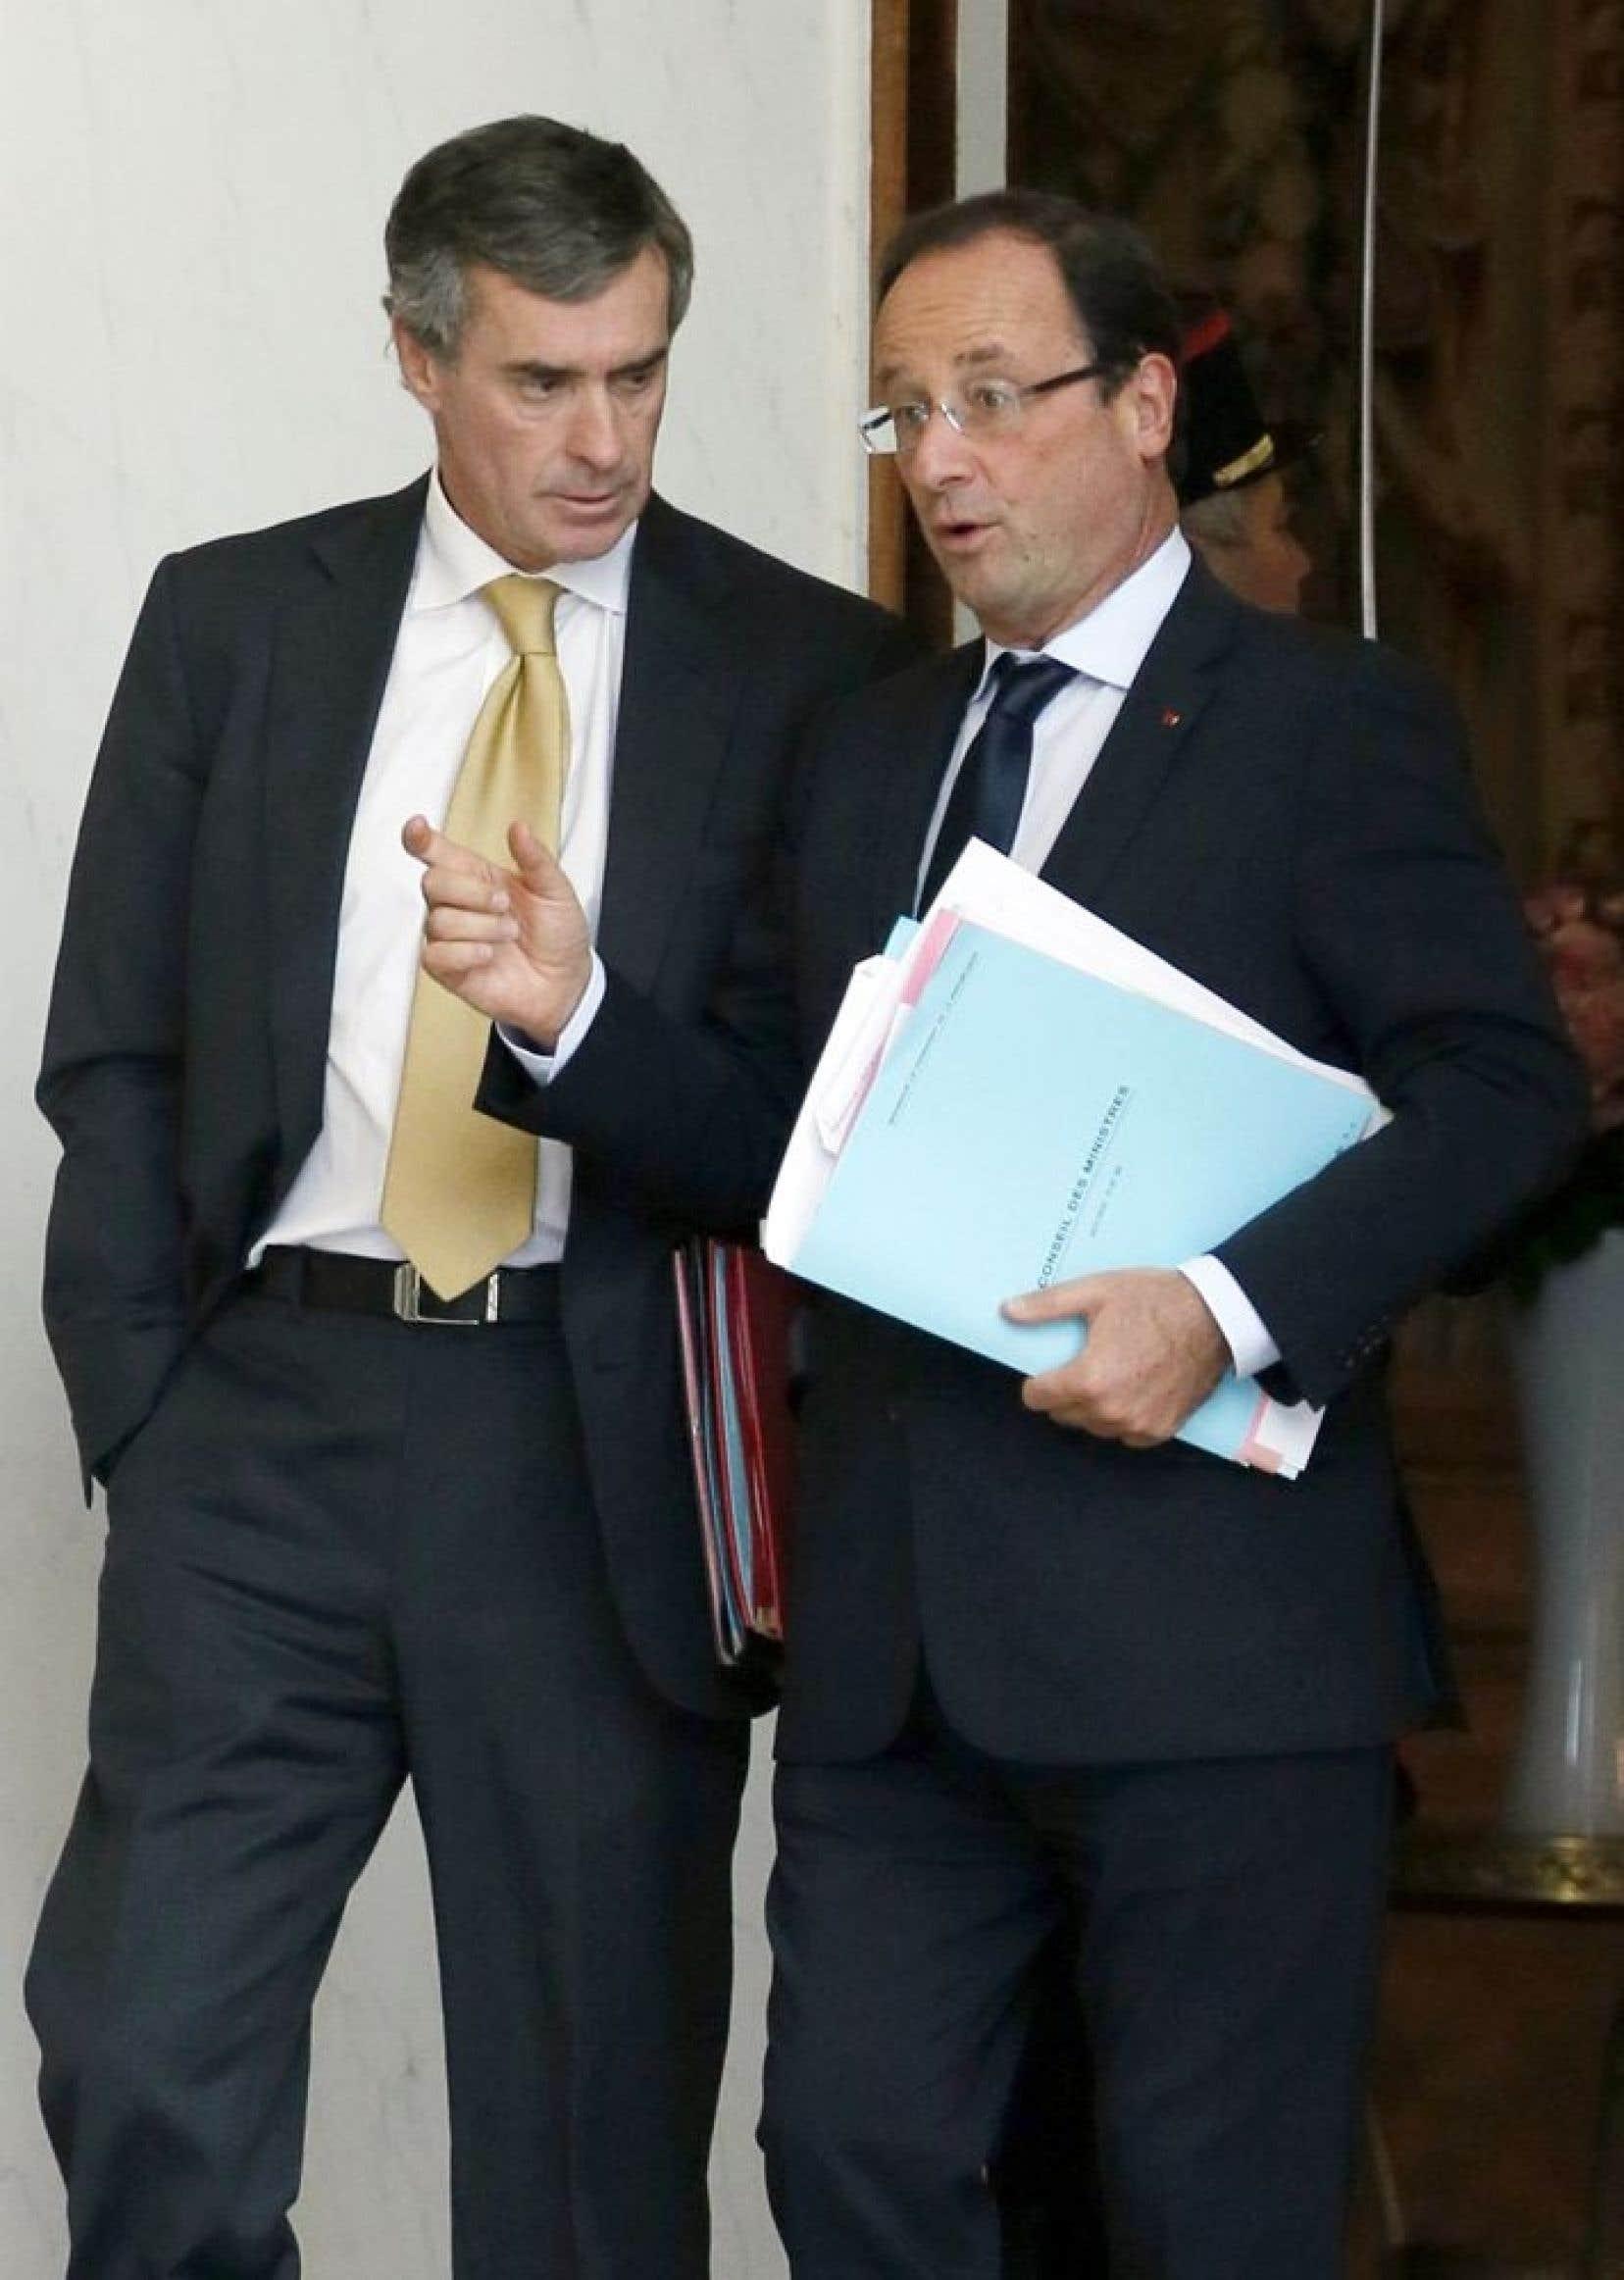 Le pr&eacute;sident fran&ccedil;ais Fran&ccedil;ois Hollande (&agrave; droite) et J&eacute;r&ocirc;me Cahuzac.<br />